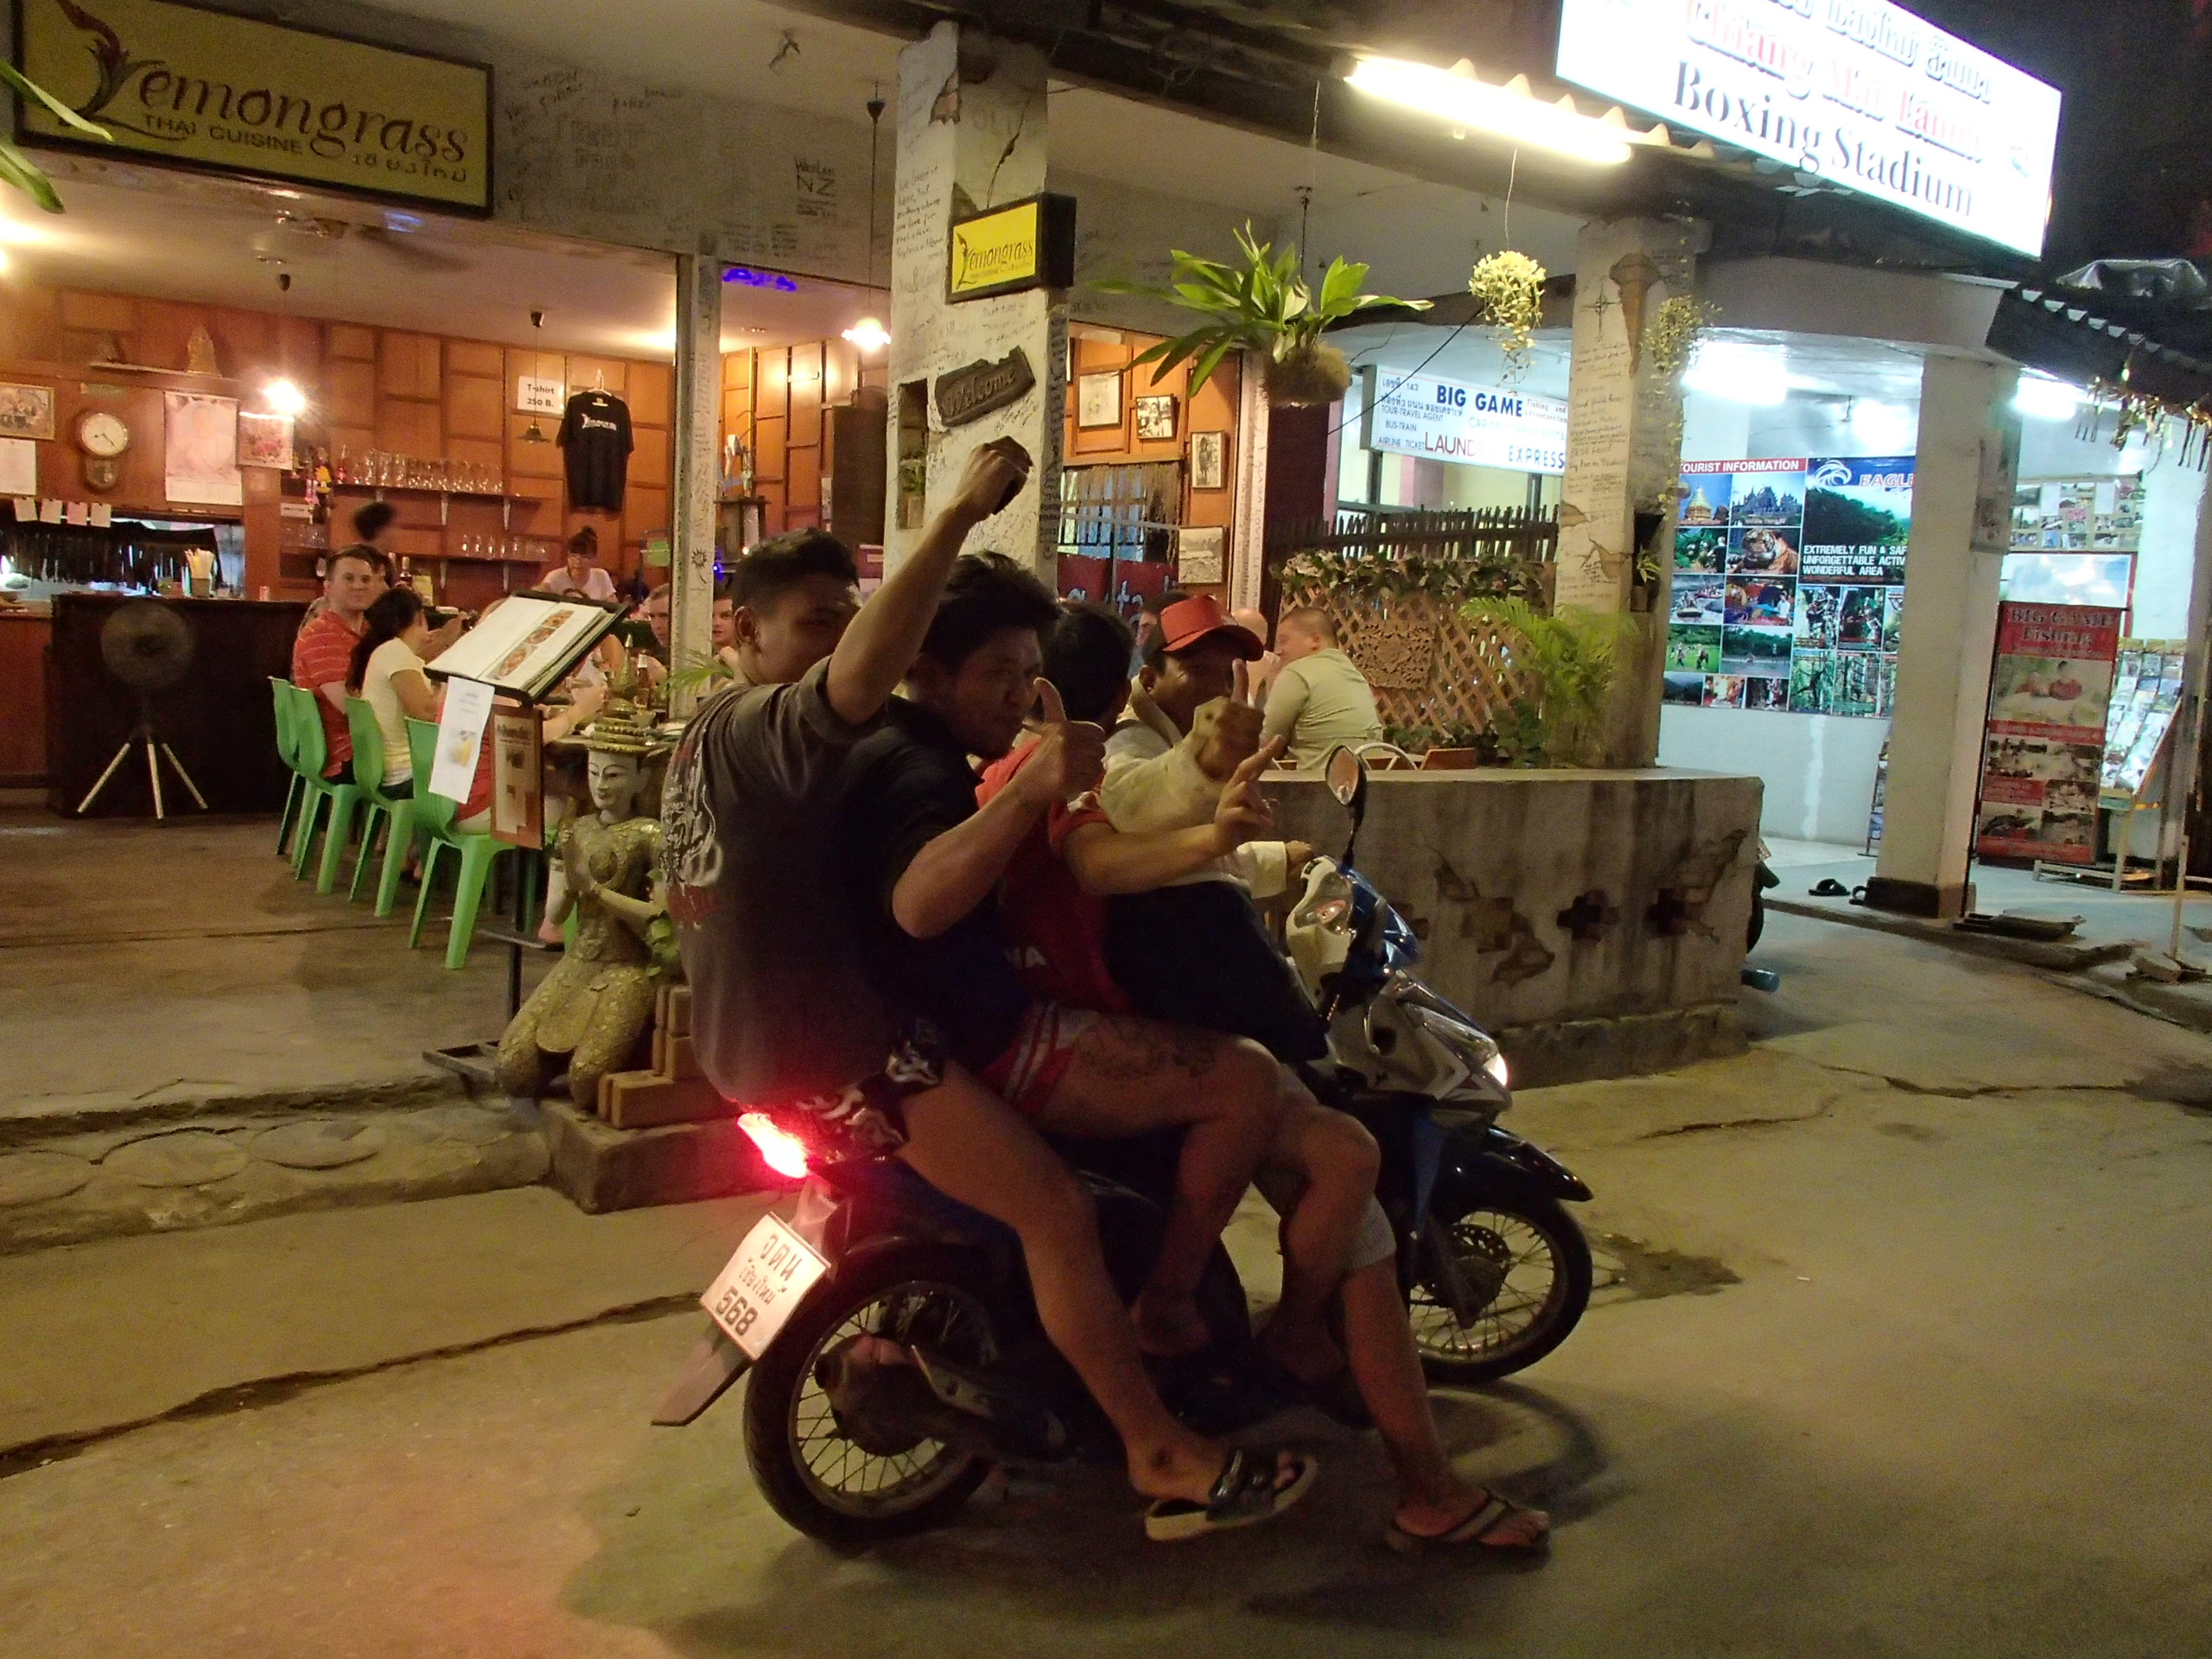 outside Lemongrass Thai restaurant